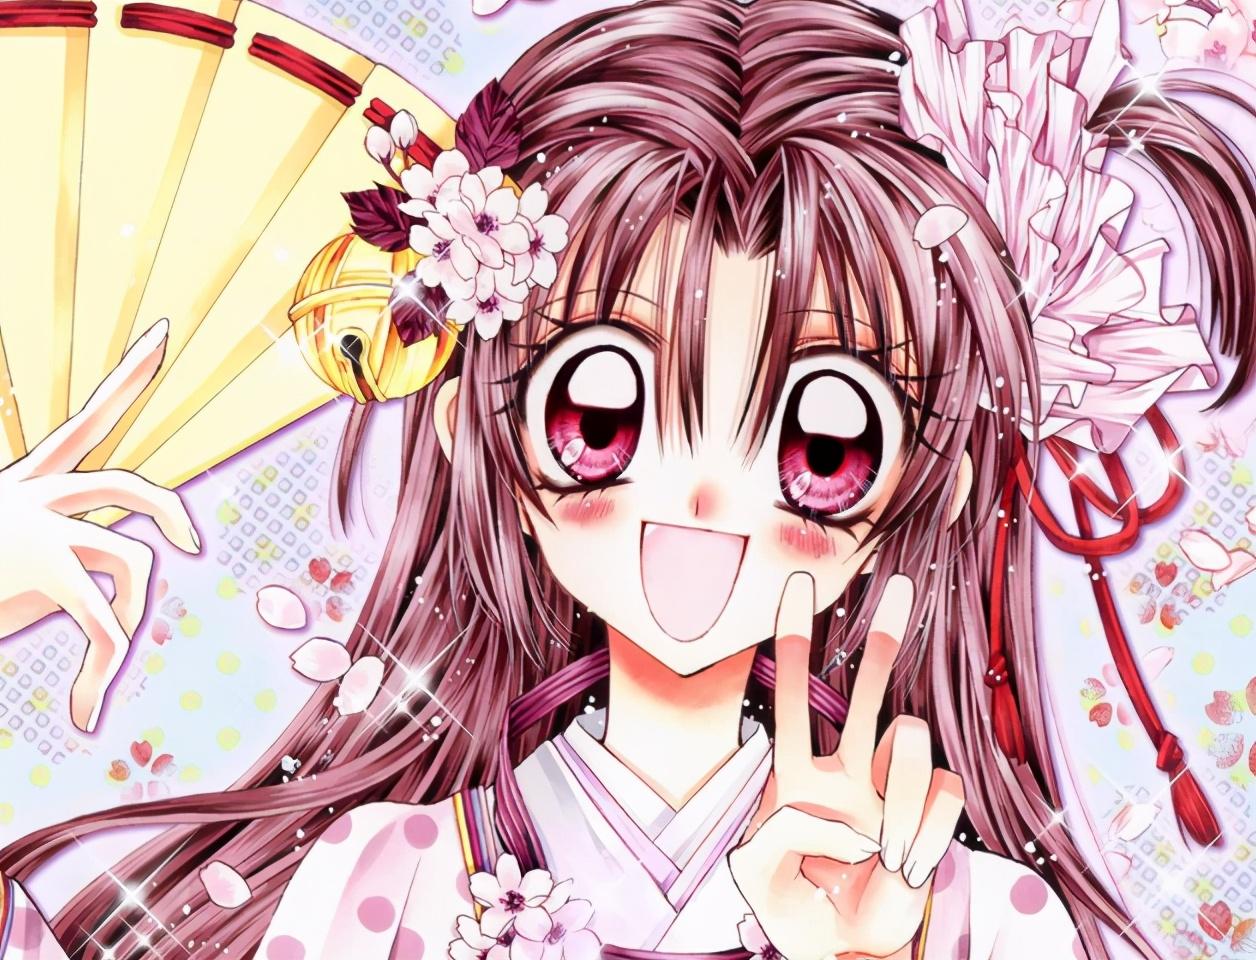 日本網友吐槽:動漫角色的眼睛太誇張,換一張圖毫無違和